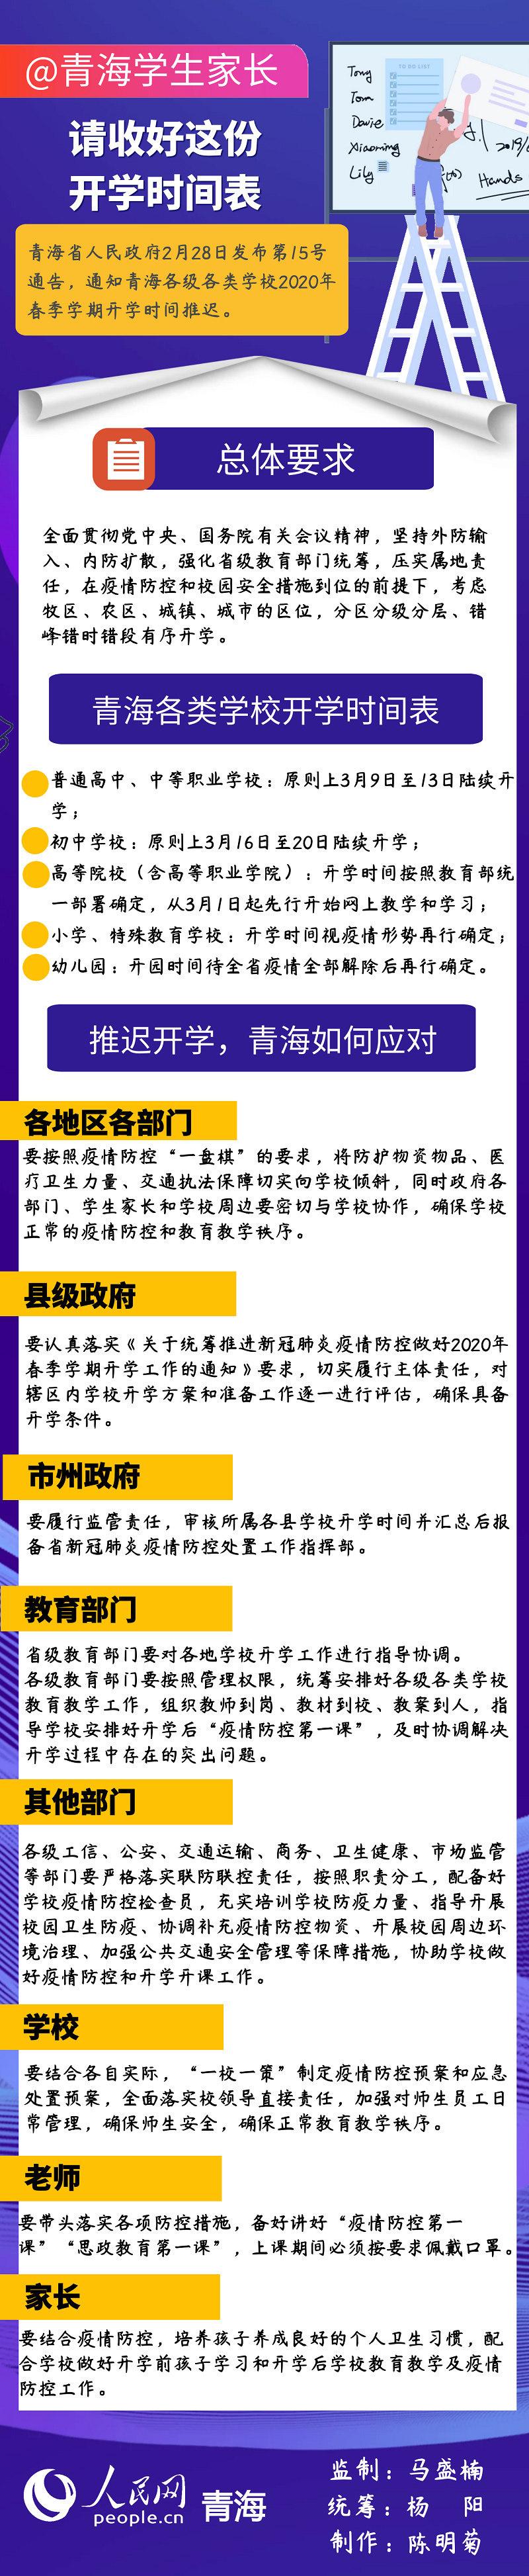 【图解】@青海学生家长,请收好这份开学时间表